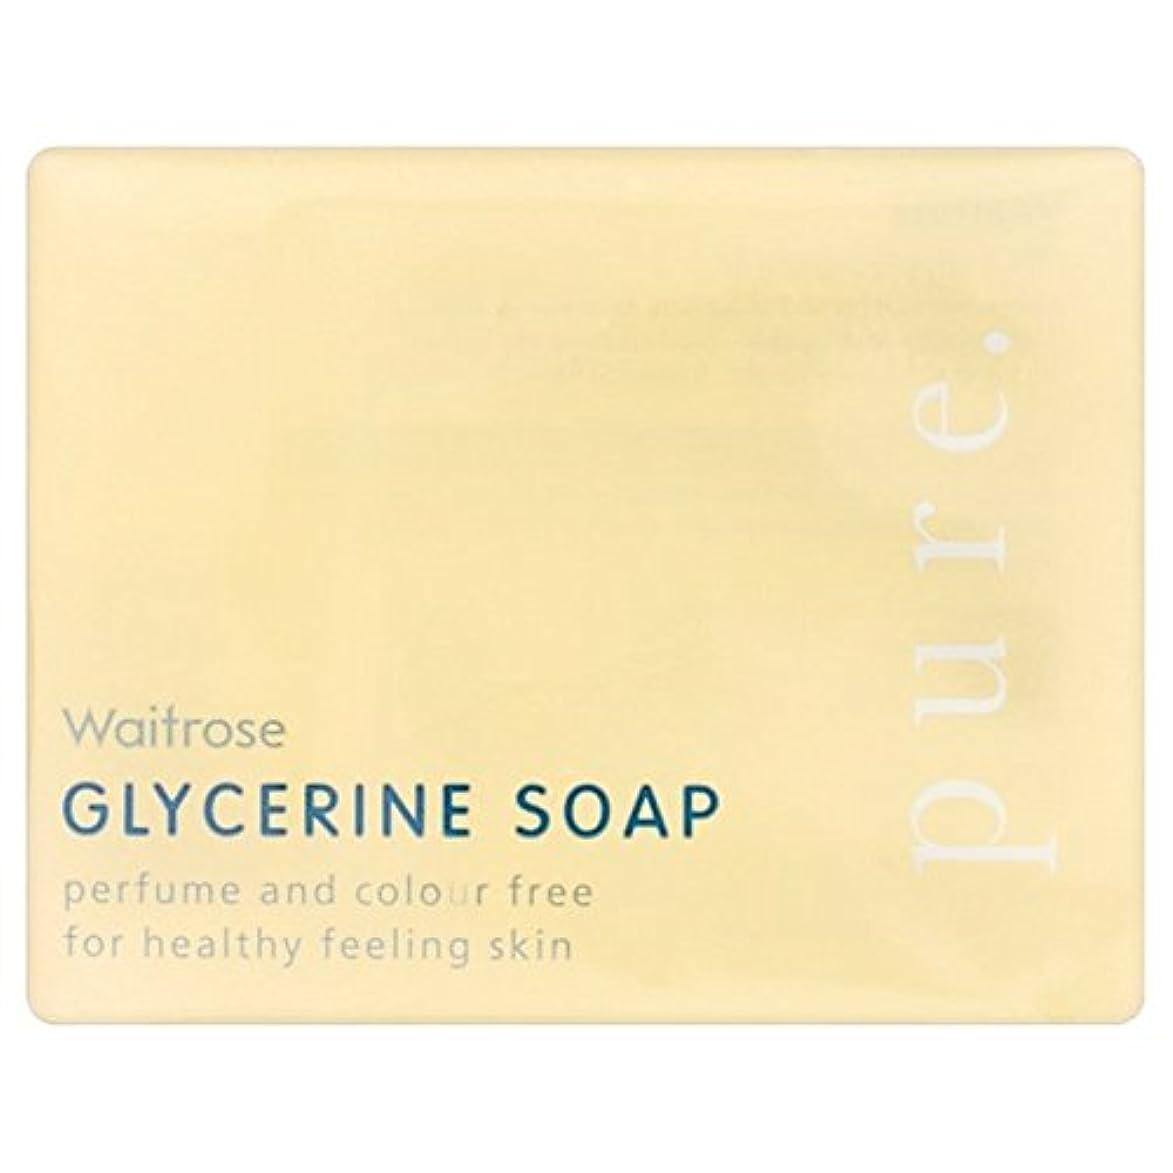 湾追い払う行動純粋なグリセリンソープウェイトローズの100グラム x4 - Pure Glycerine Soap Waitrose 100g (Pack of 4) [並行輸入品]